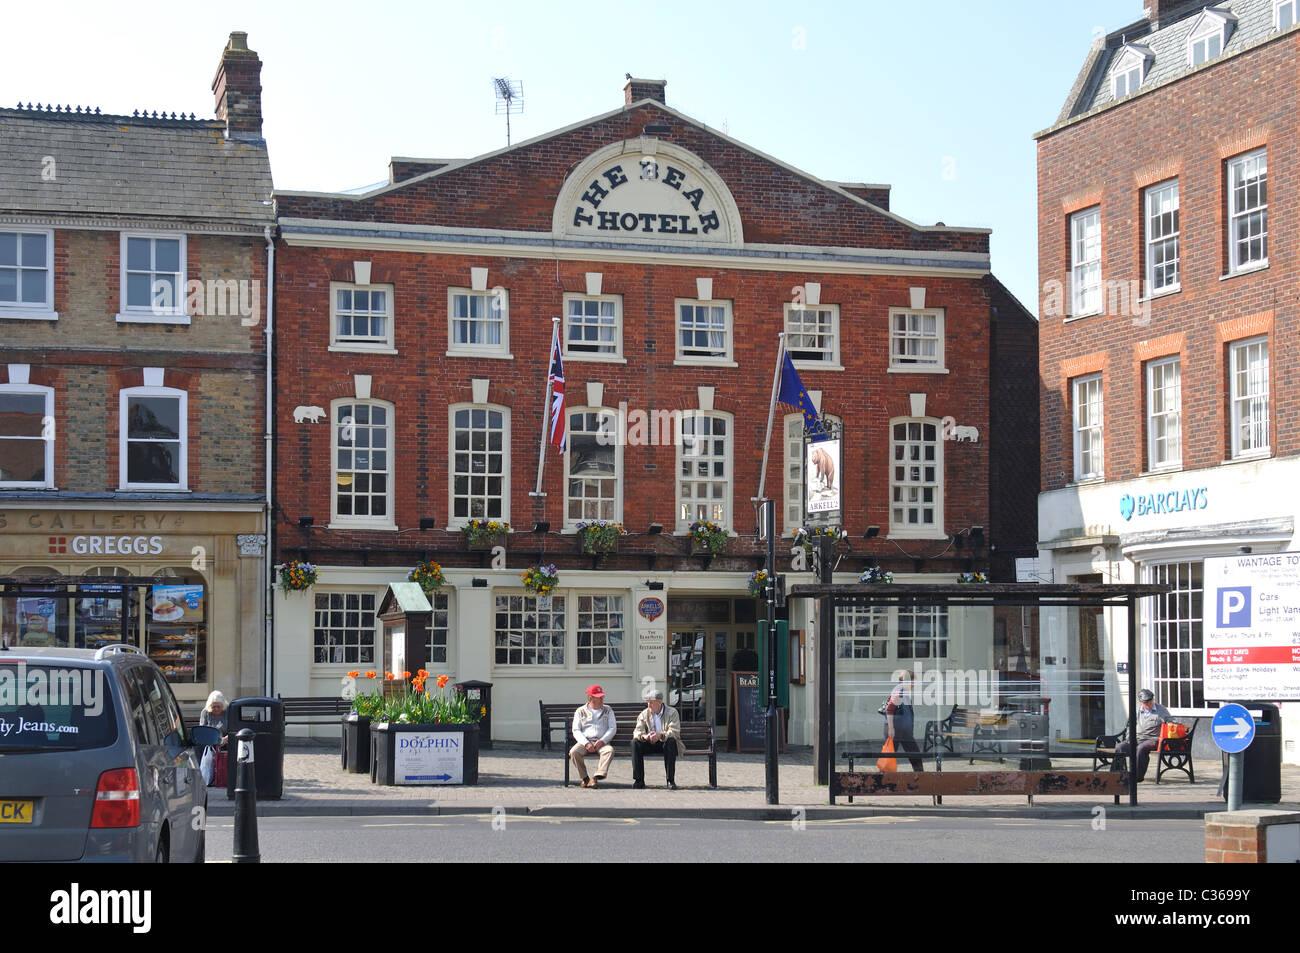 The Bear Hotel, Wantage, Oxfordshire, England, UK - Stock Image